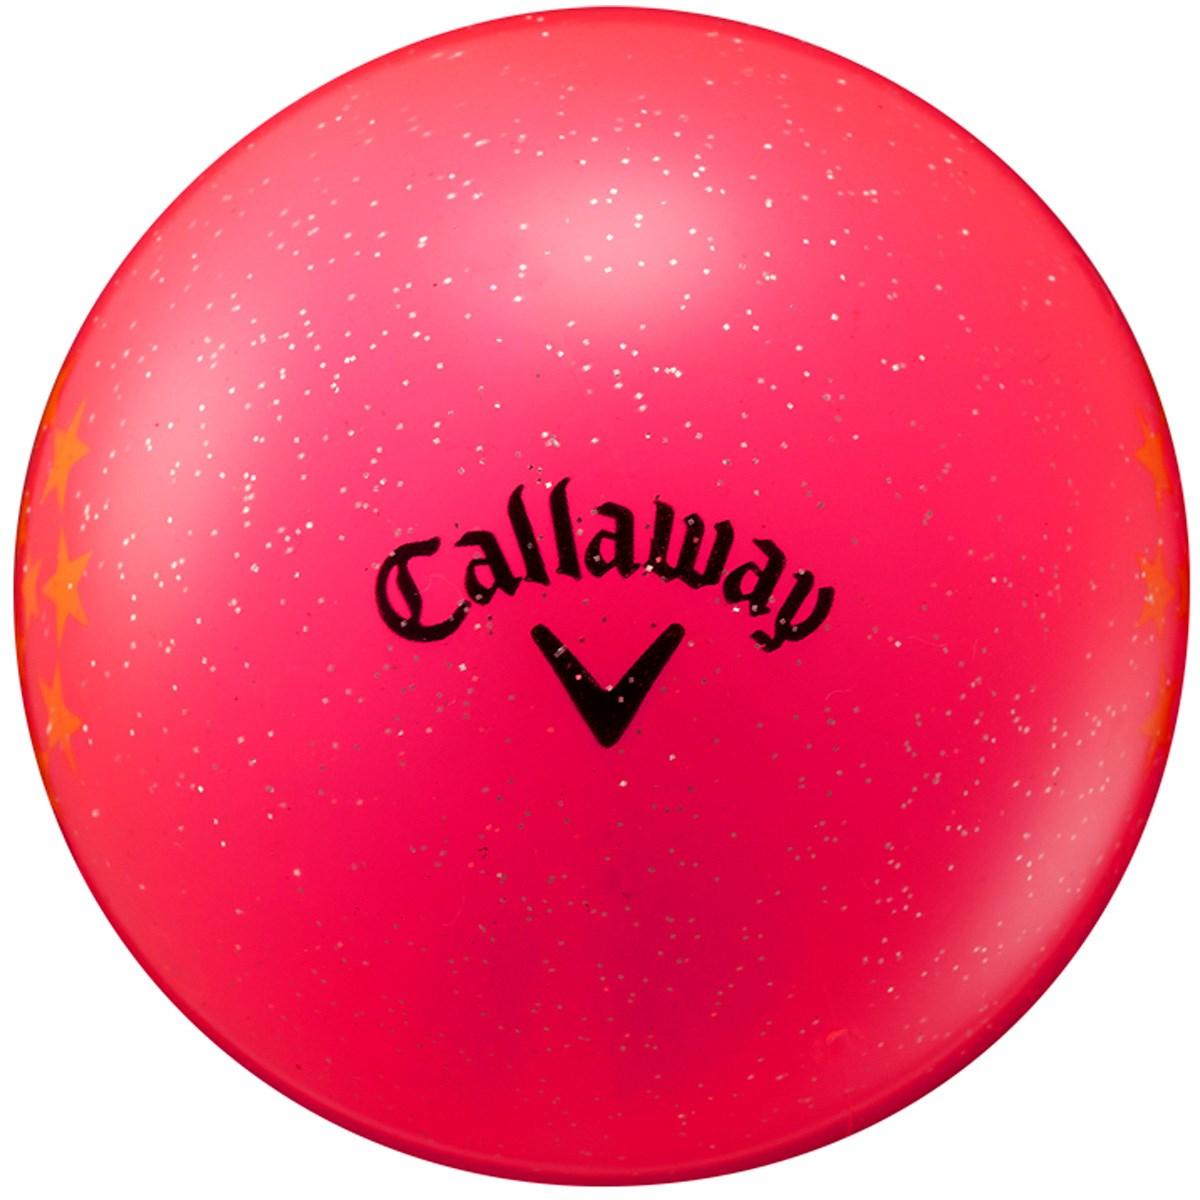 キャロウェイゴルフ Callaway Golf BL PG STAR 18 JM パークゴルフボール ピンク